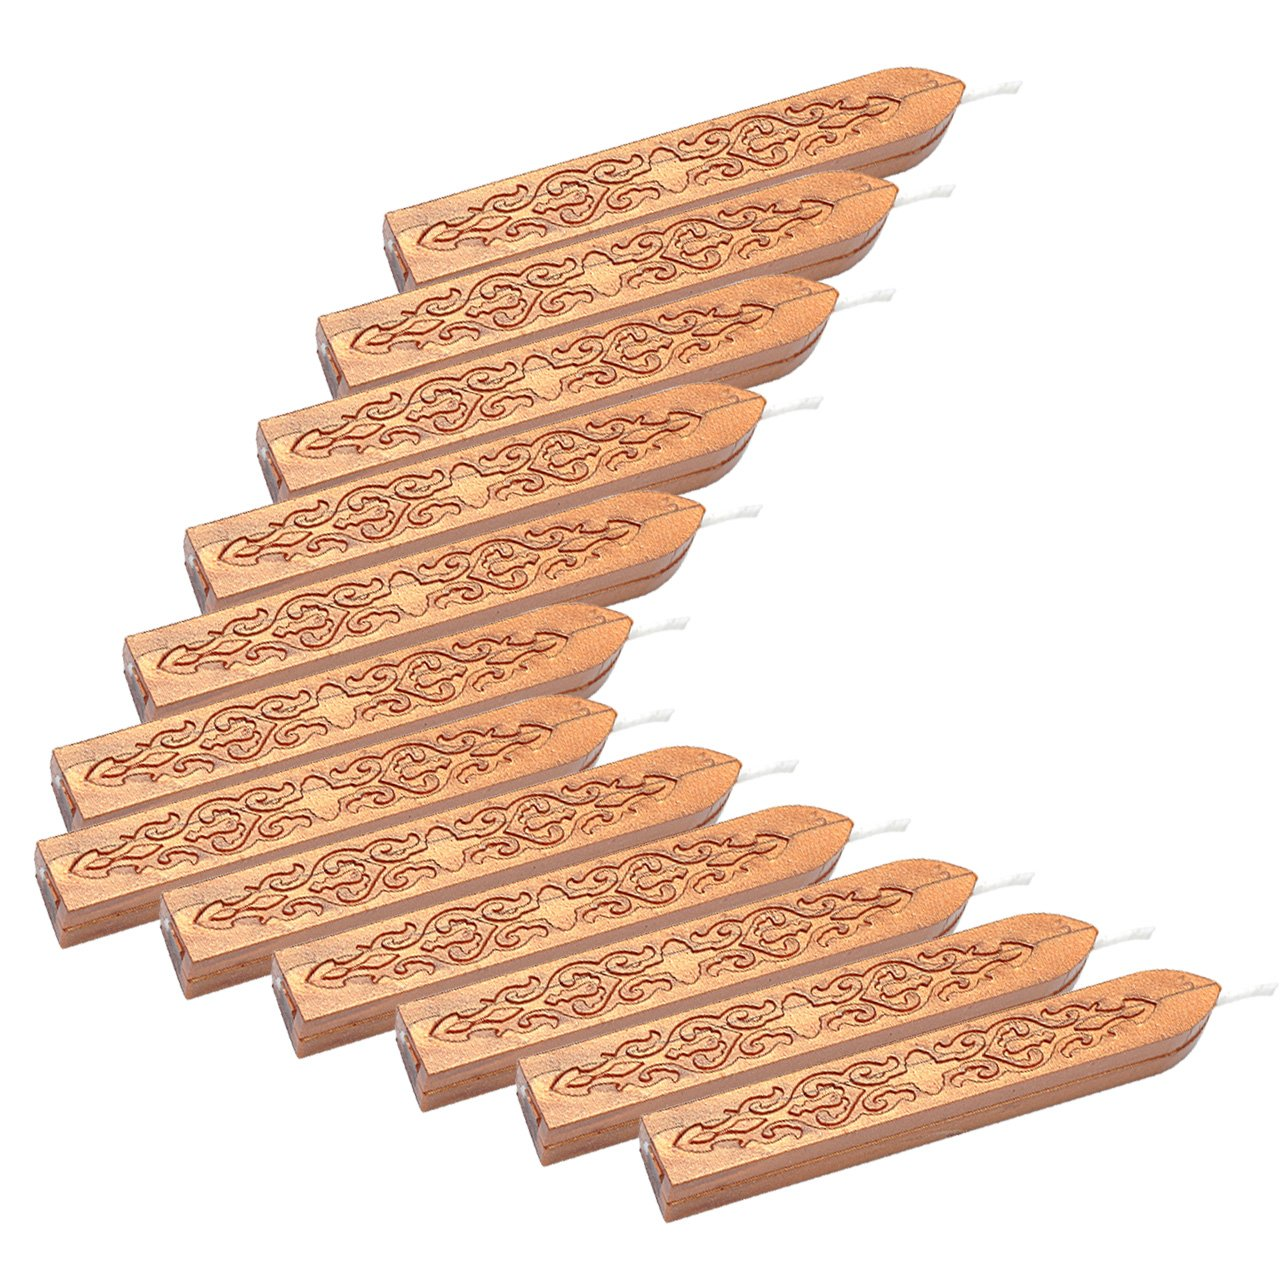 Mogoko - 12 bâtons de cire à cacheter avec mèches pour sceaux d'enveloppes style rétro MMUS2016712